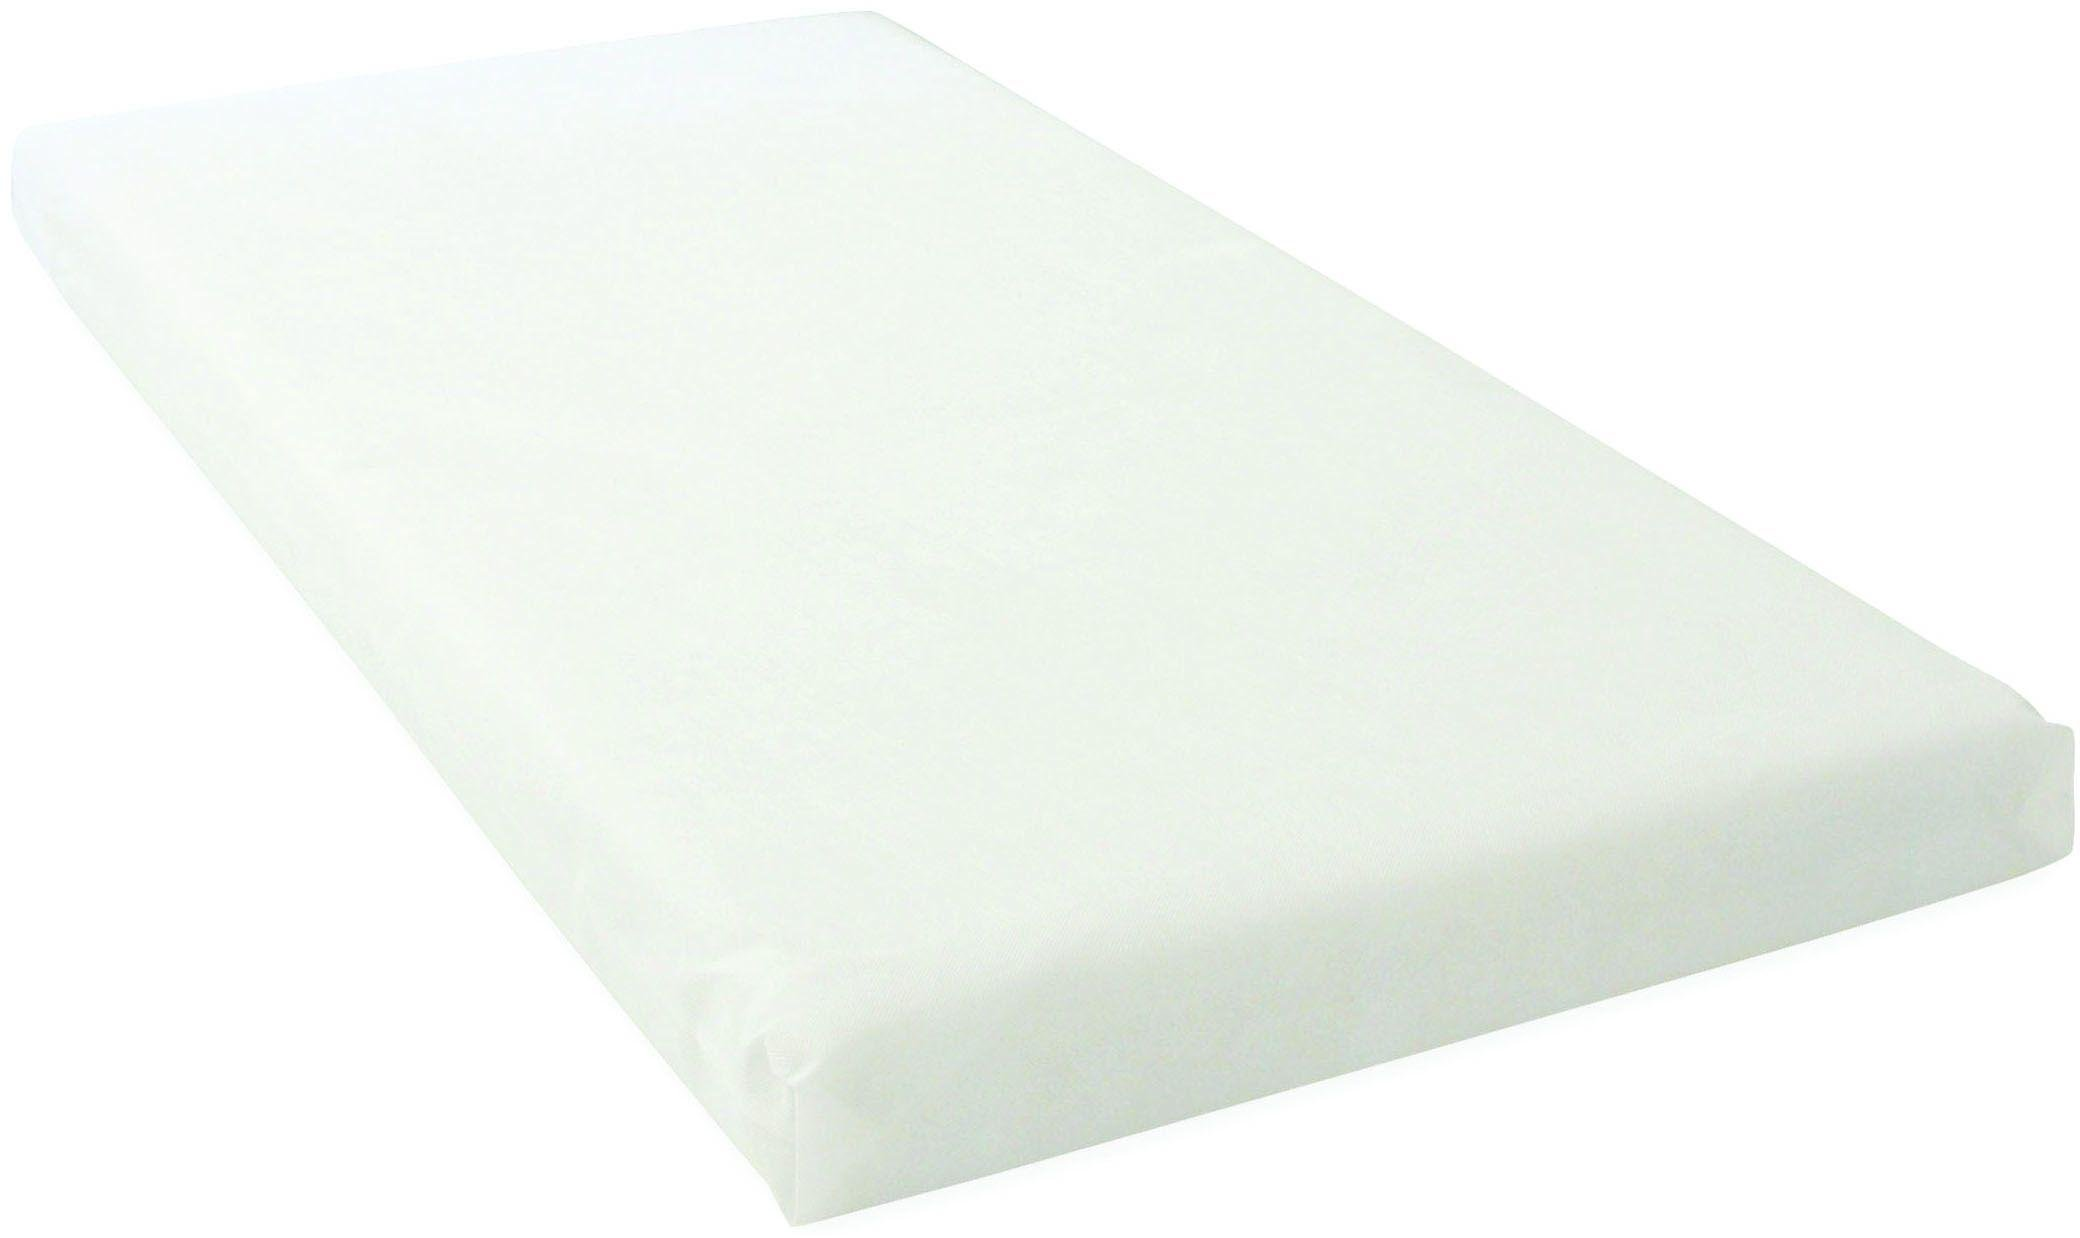 east coast  nursery ultra fibre  cot  bed  mattress